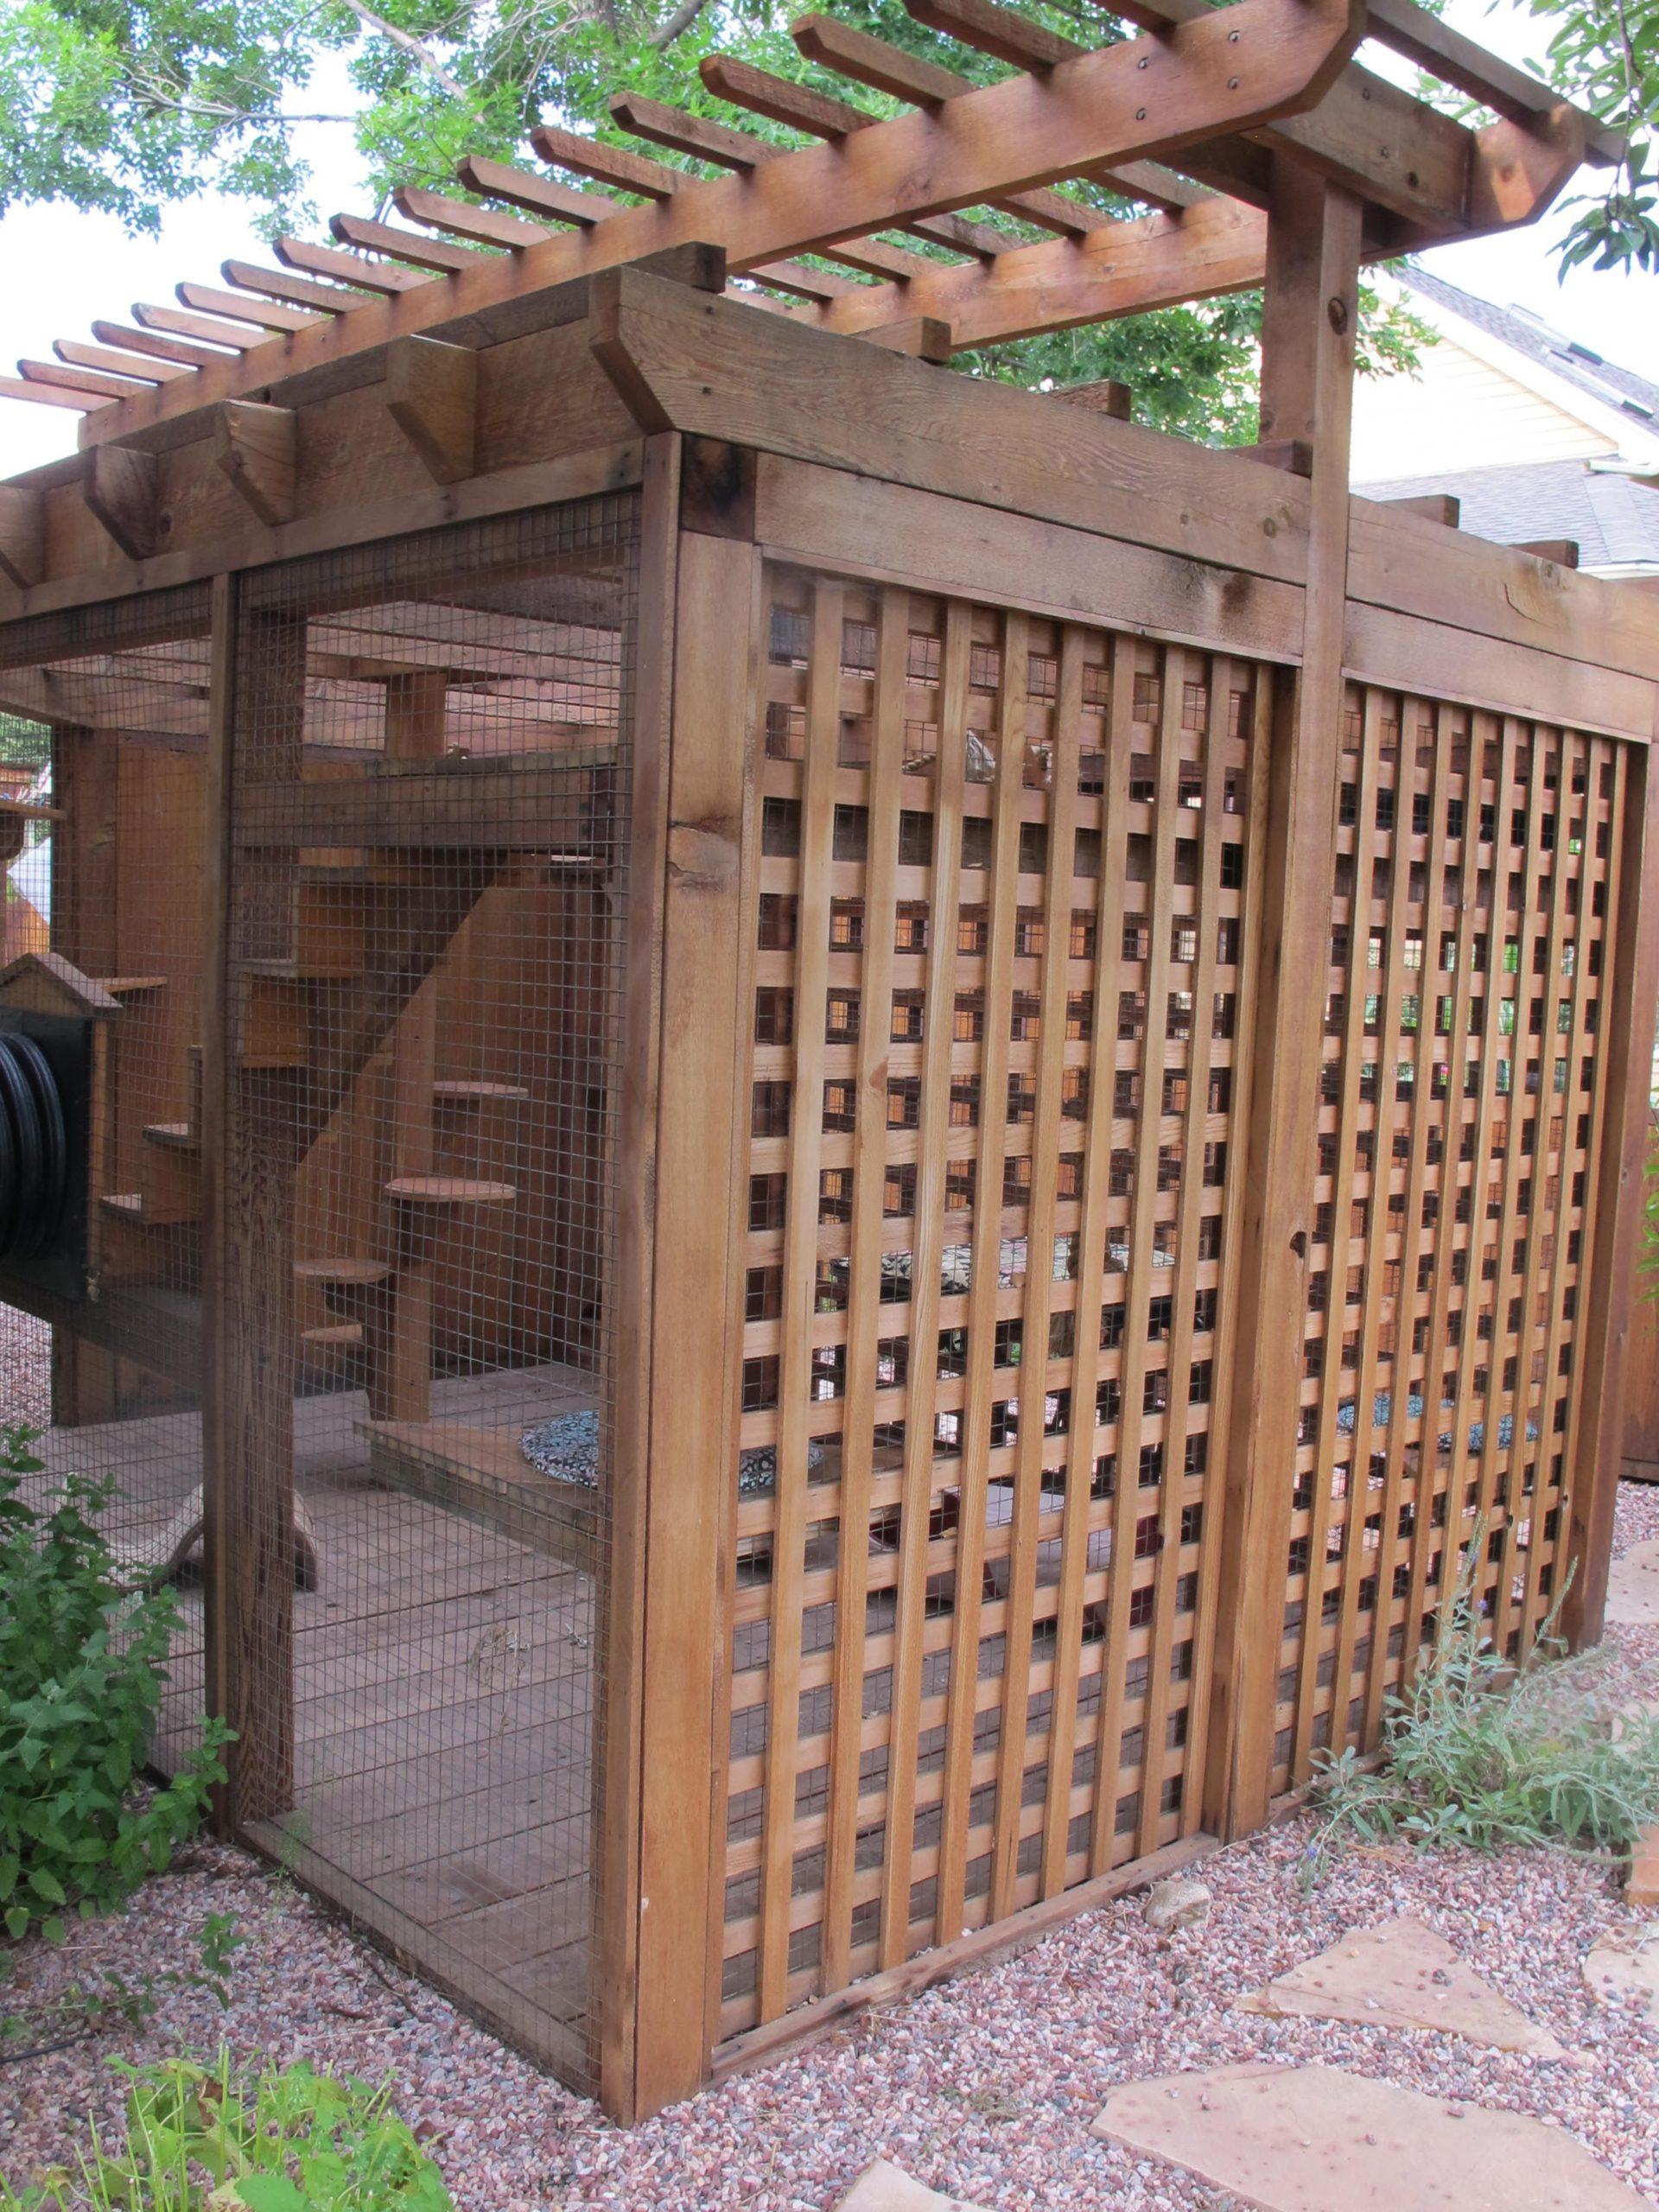 Catio Spaces, Cat Enclosures, Cat Runs, Catios